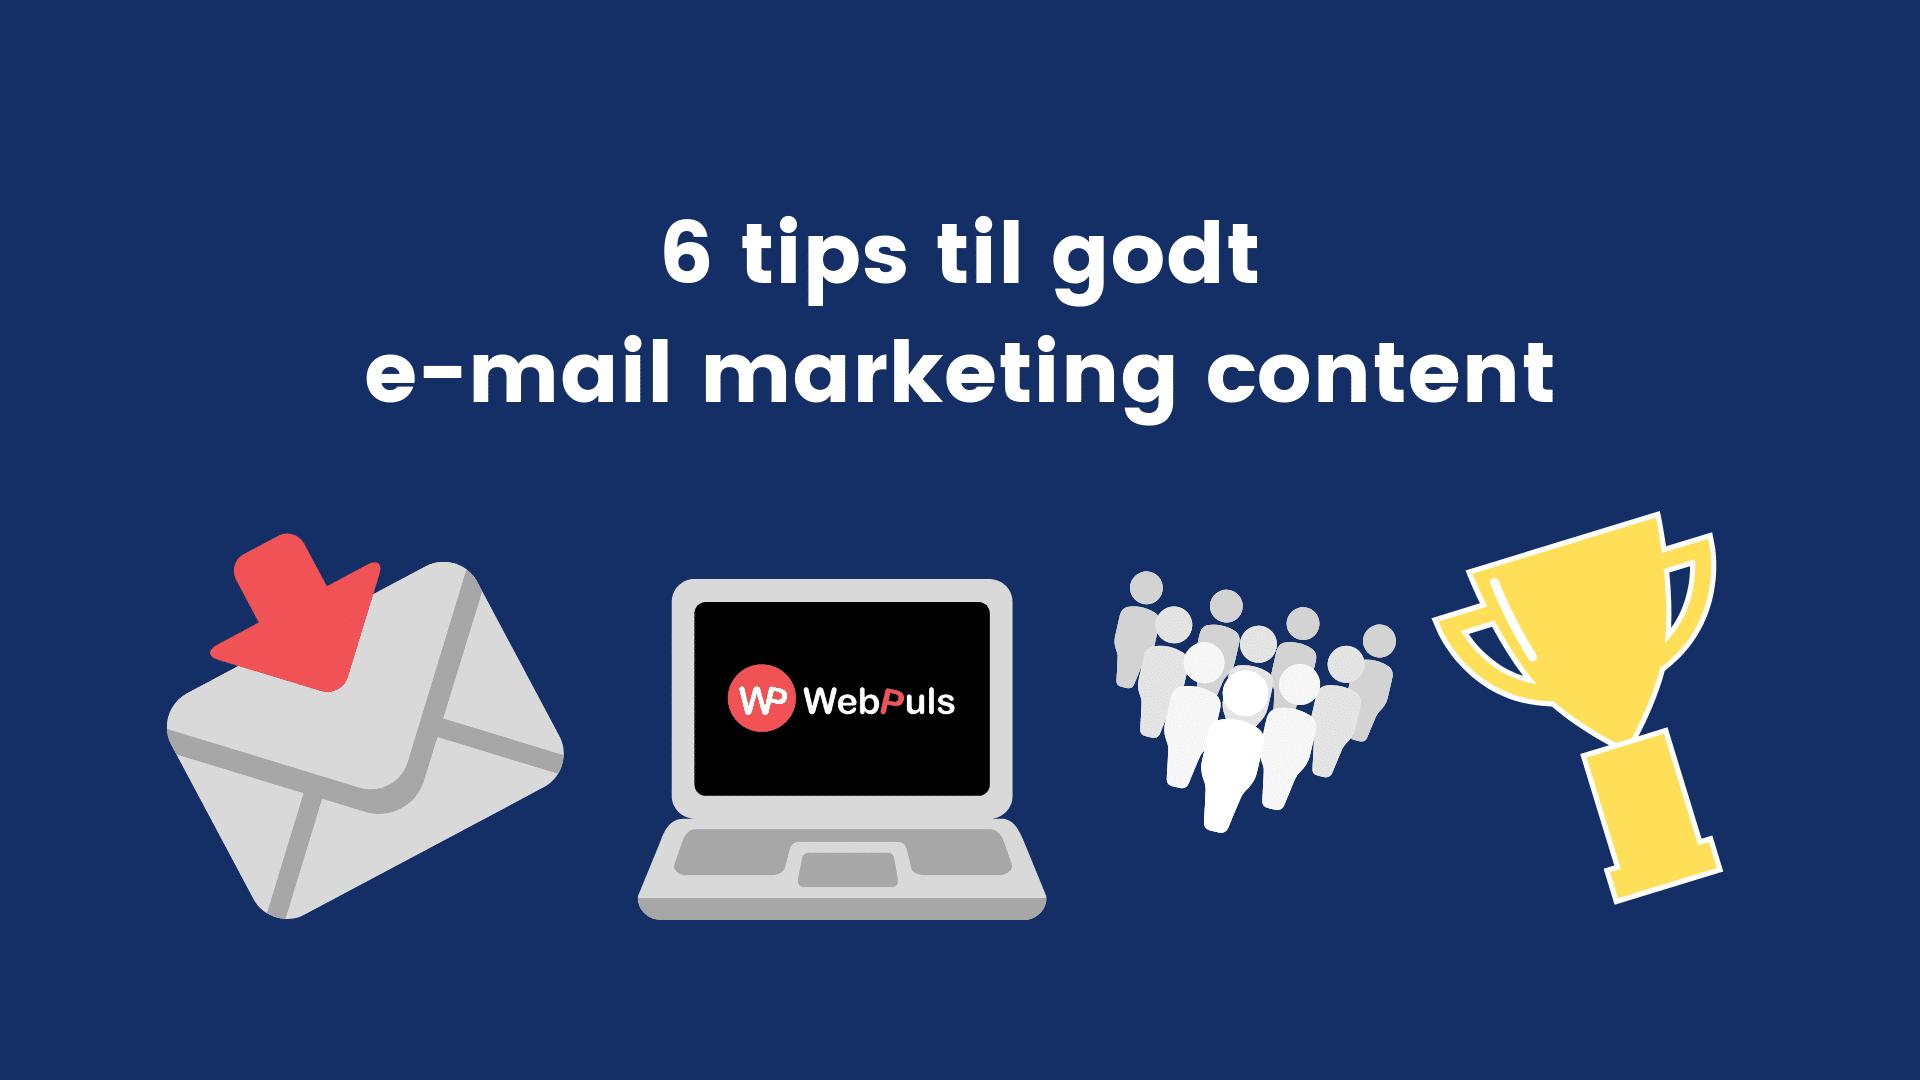 Tips til email marketing